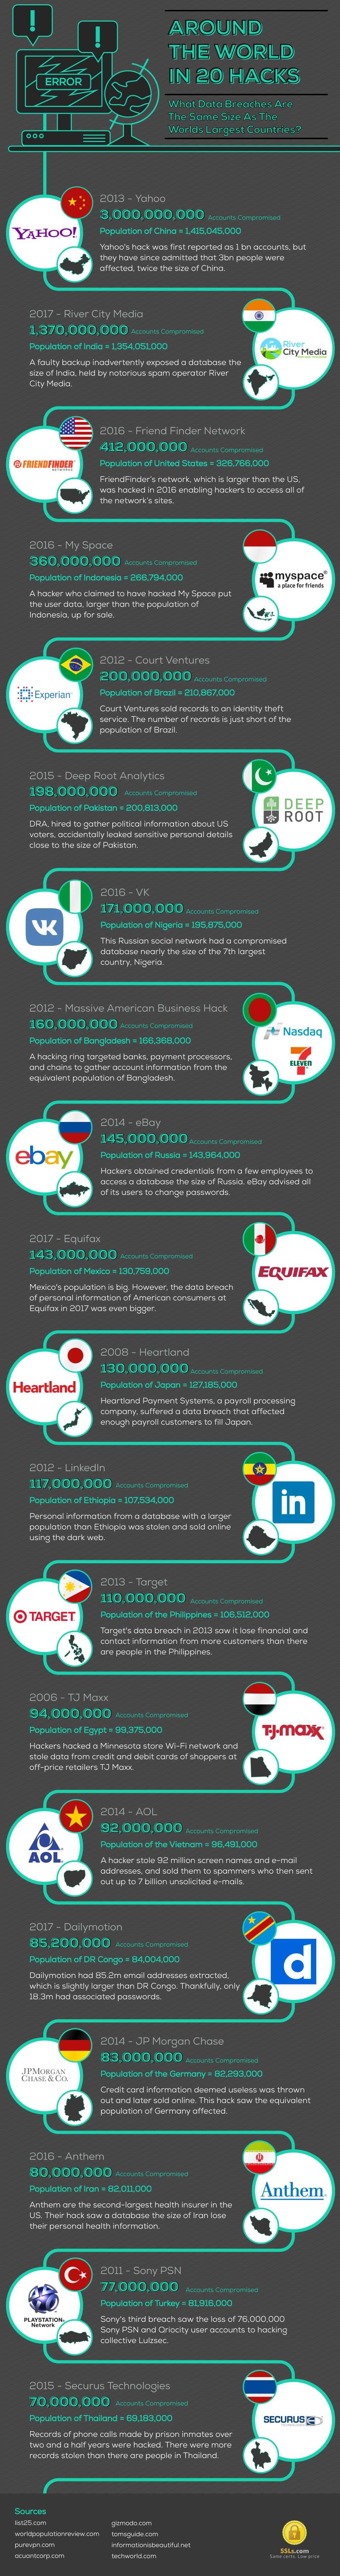 20 hacks infographic